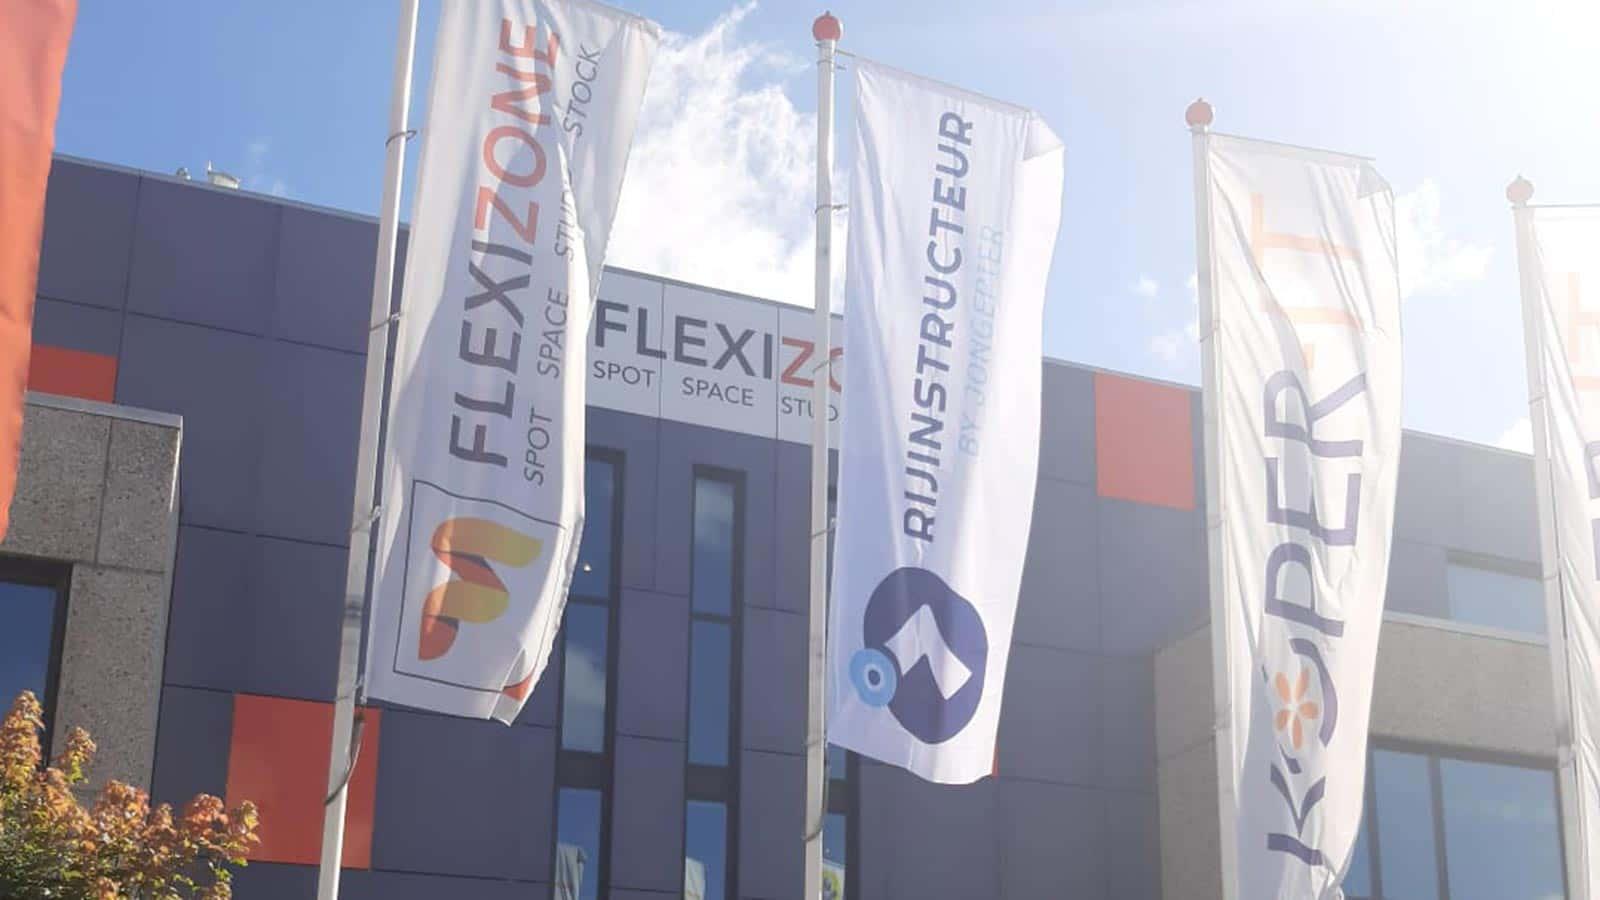 Van Riemsdijk Reklame - Flexizone - Vlaggen - Banieren